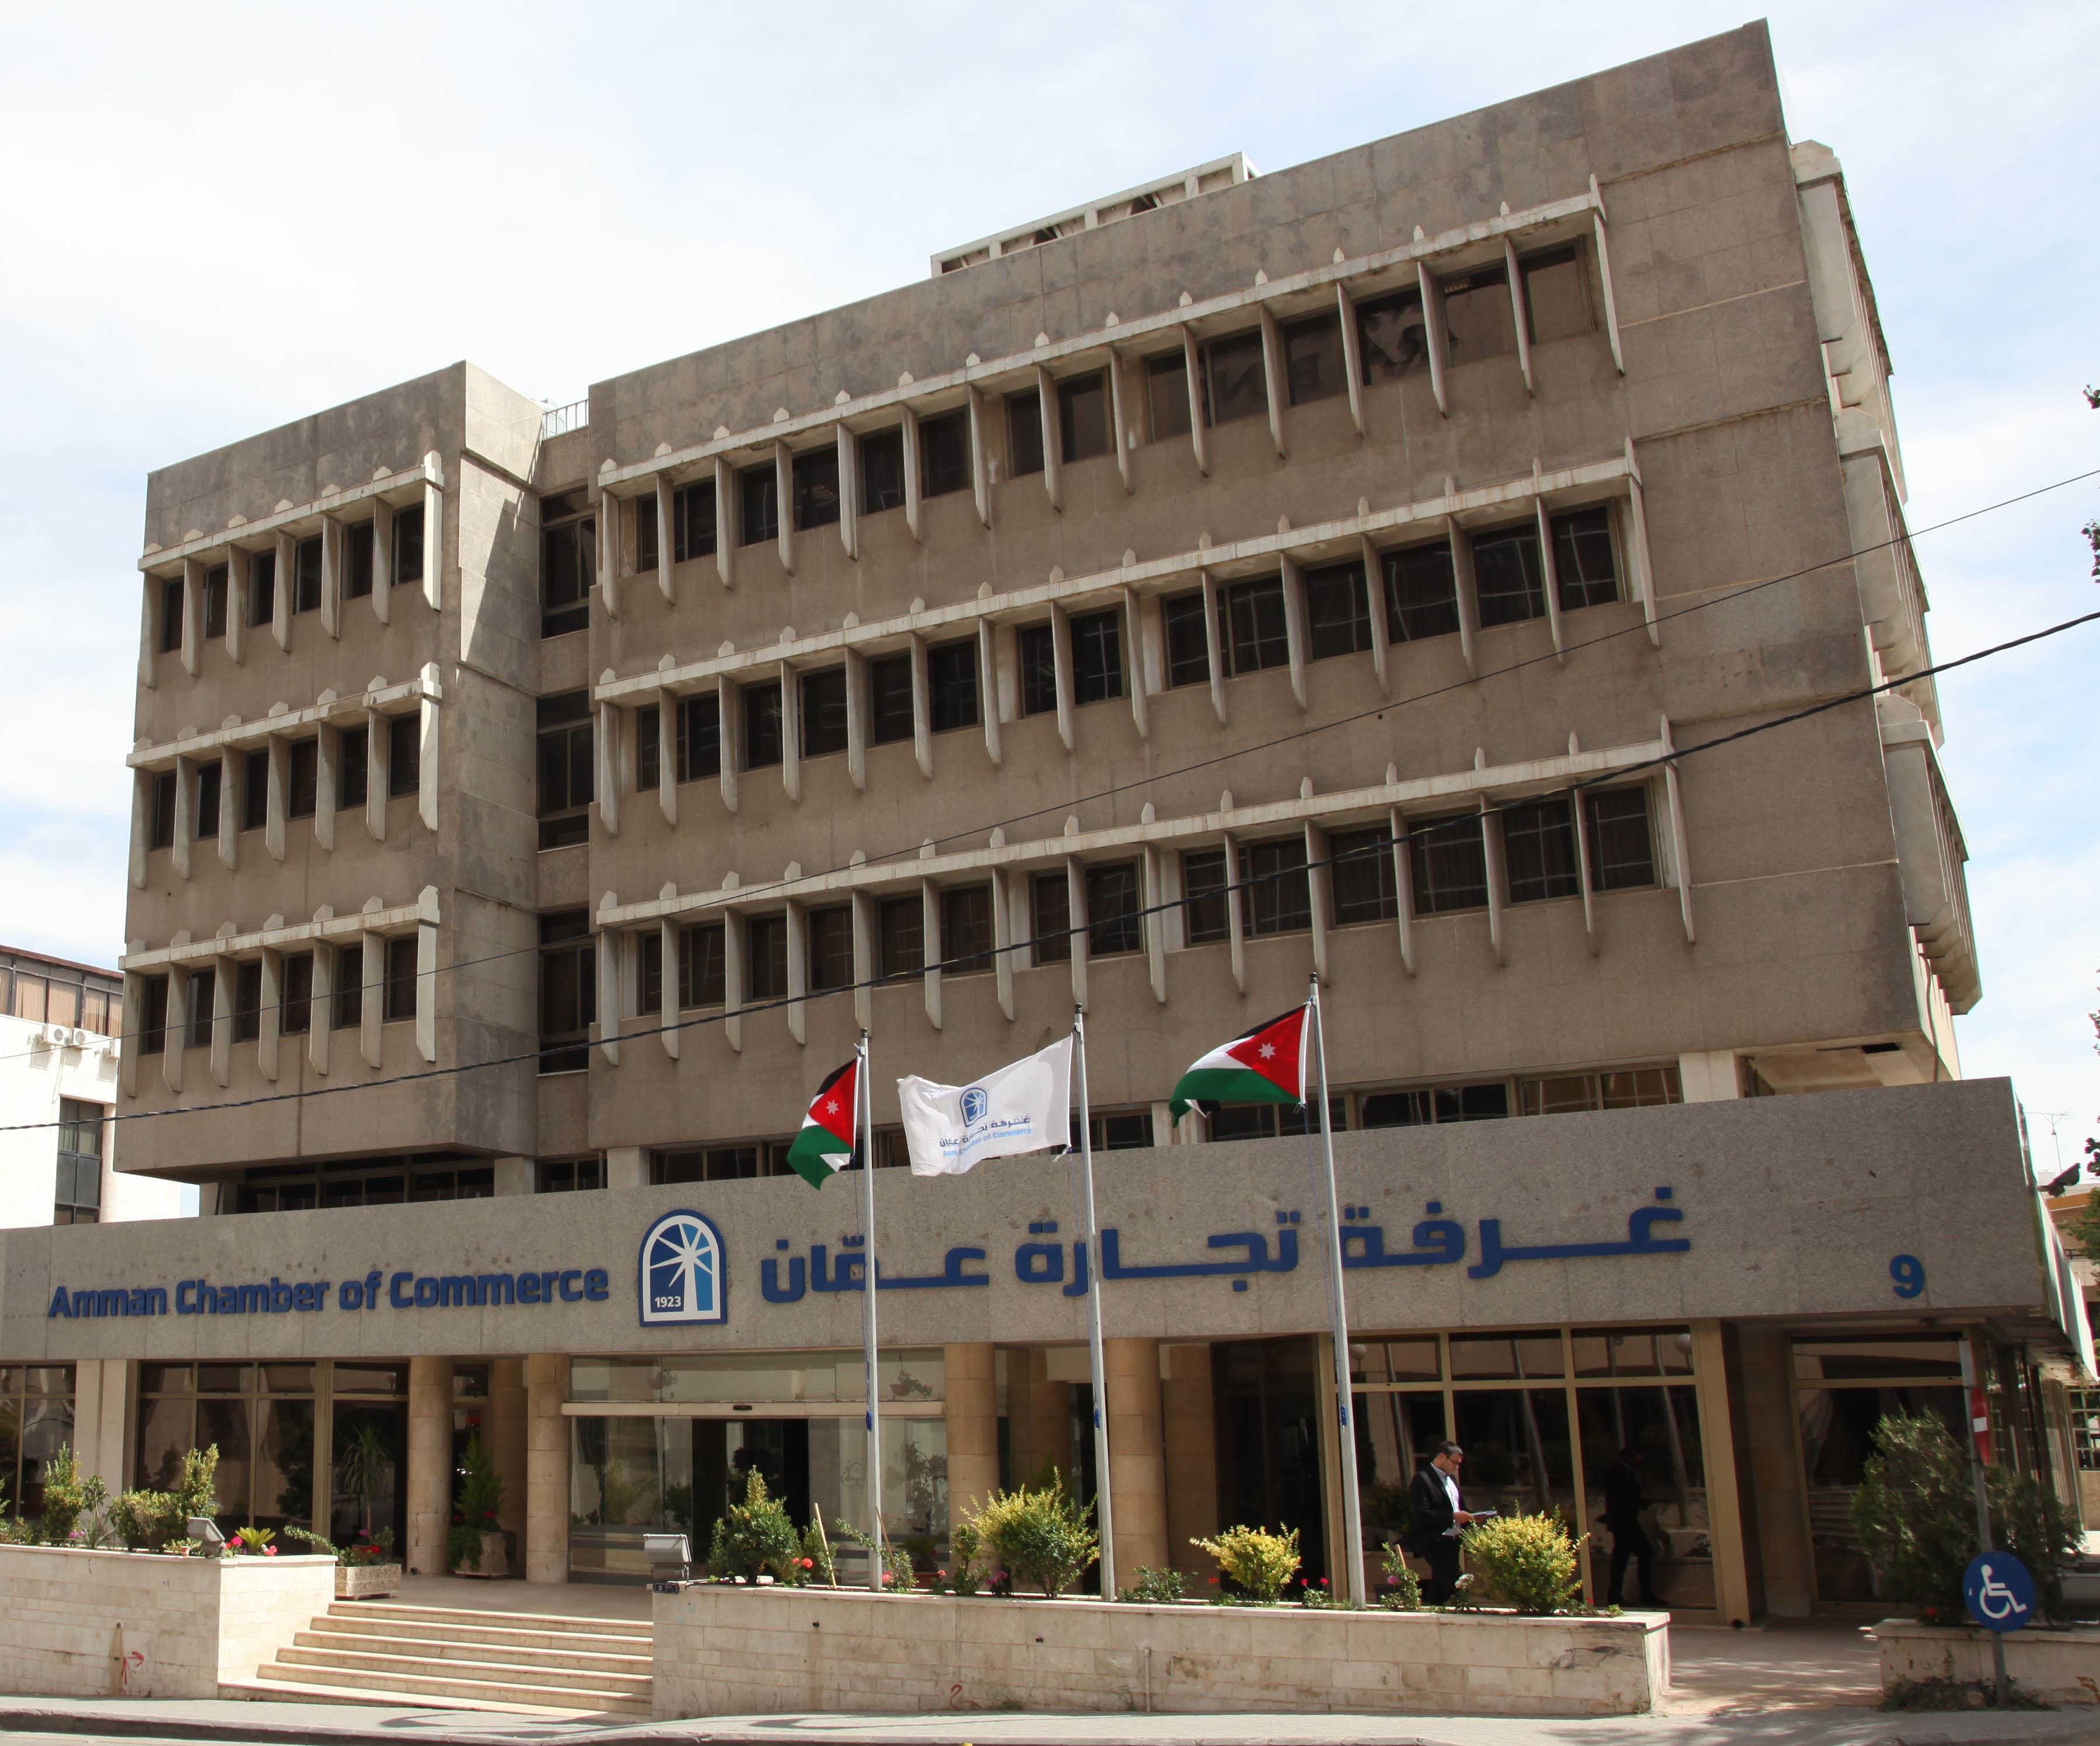 تجارة عمان تسلم وزارة العمل مصفوفة بتحديات ومطالب قطاعات منكوبة بسبب كورونا